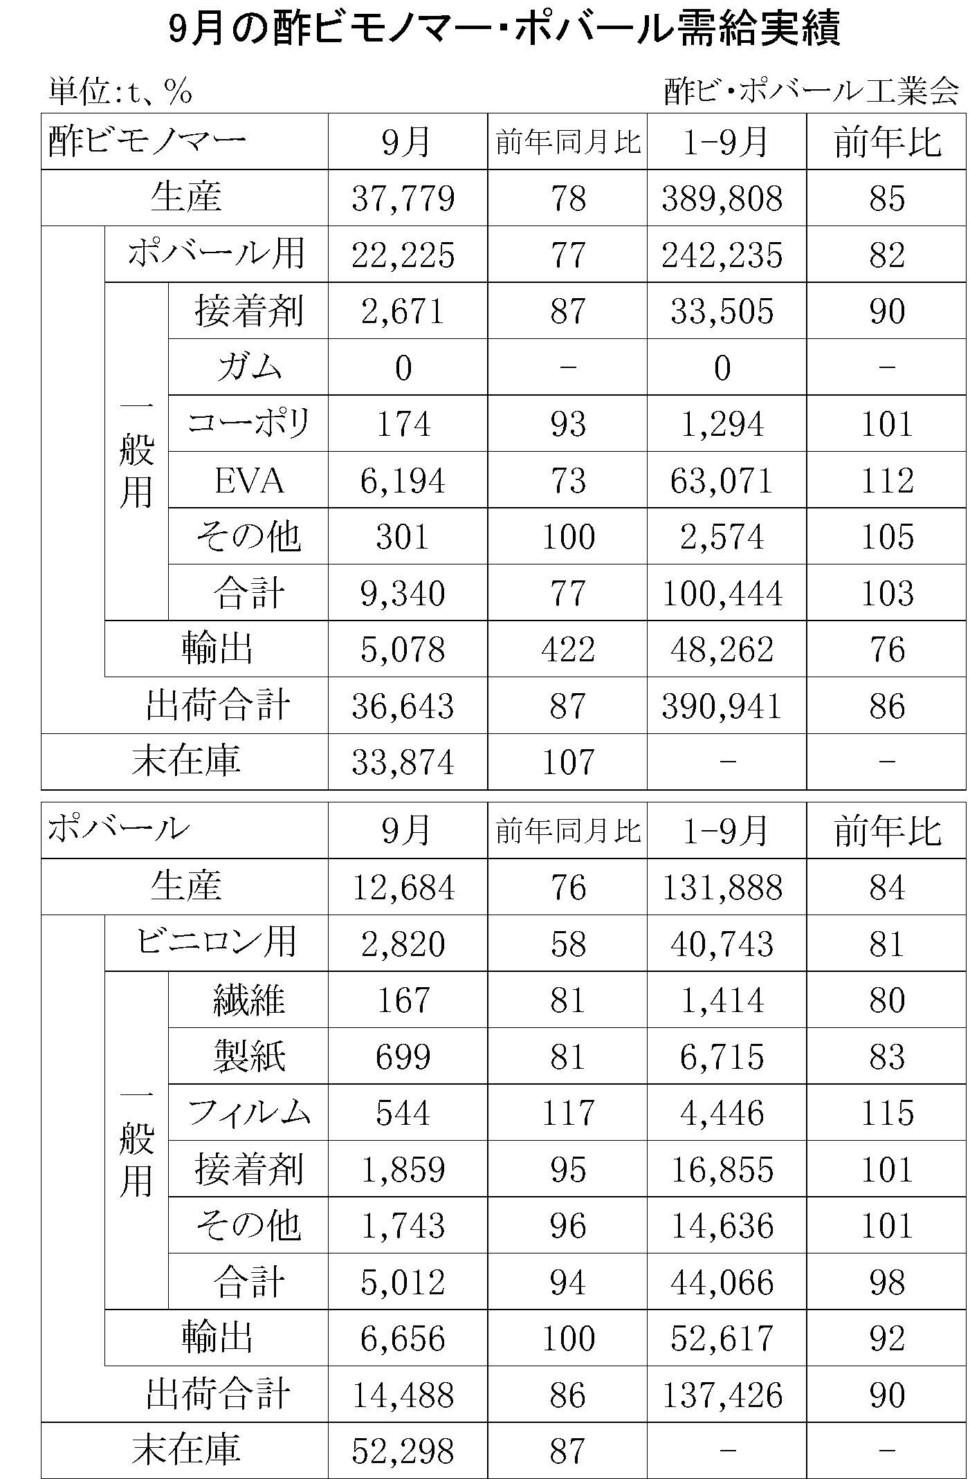 9月の酢ビモノマー・ポバール需給実績